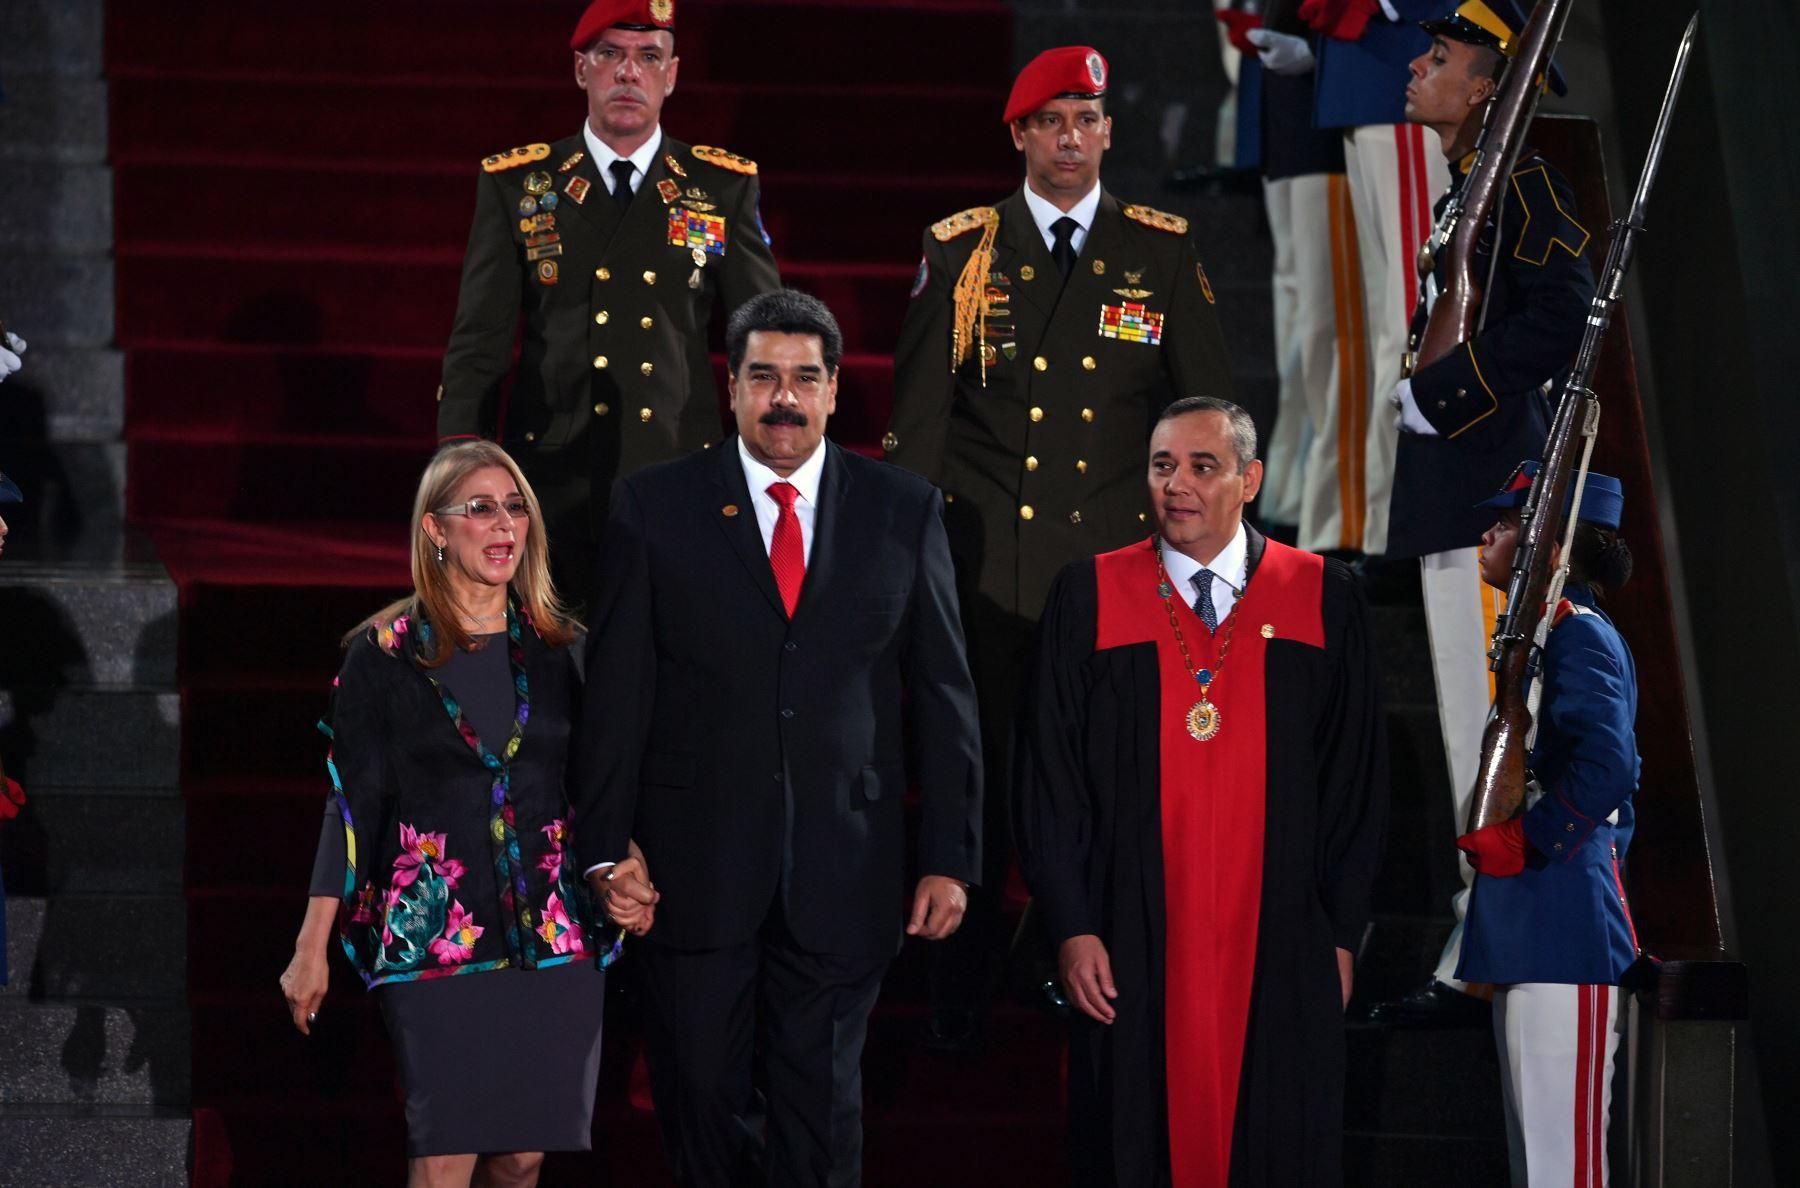 El presidente de Venezuela, Nicolás Maduro (C) camina flanqueado por la Primera Dama Cilia Flores y el presidente de la Corte Suprema de Justicia (TSJ), Maikel Moreno (R), al llegar a la ceremonia de inauguración de su segundo mandato, en la sede del TSJ en Caracas.  Maduro comienza un nuevo término que los críticos consideran ilegítimo, con la economía en caída libre y el país más aislado que nunca.. AFP